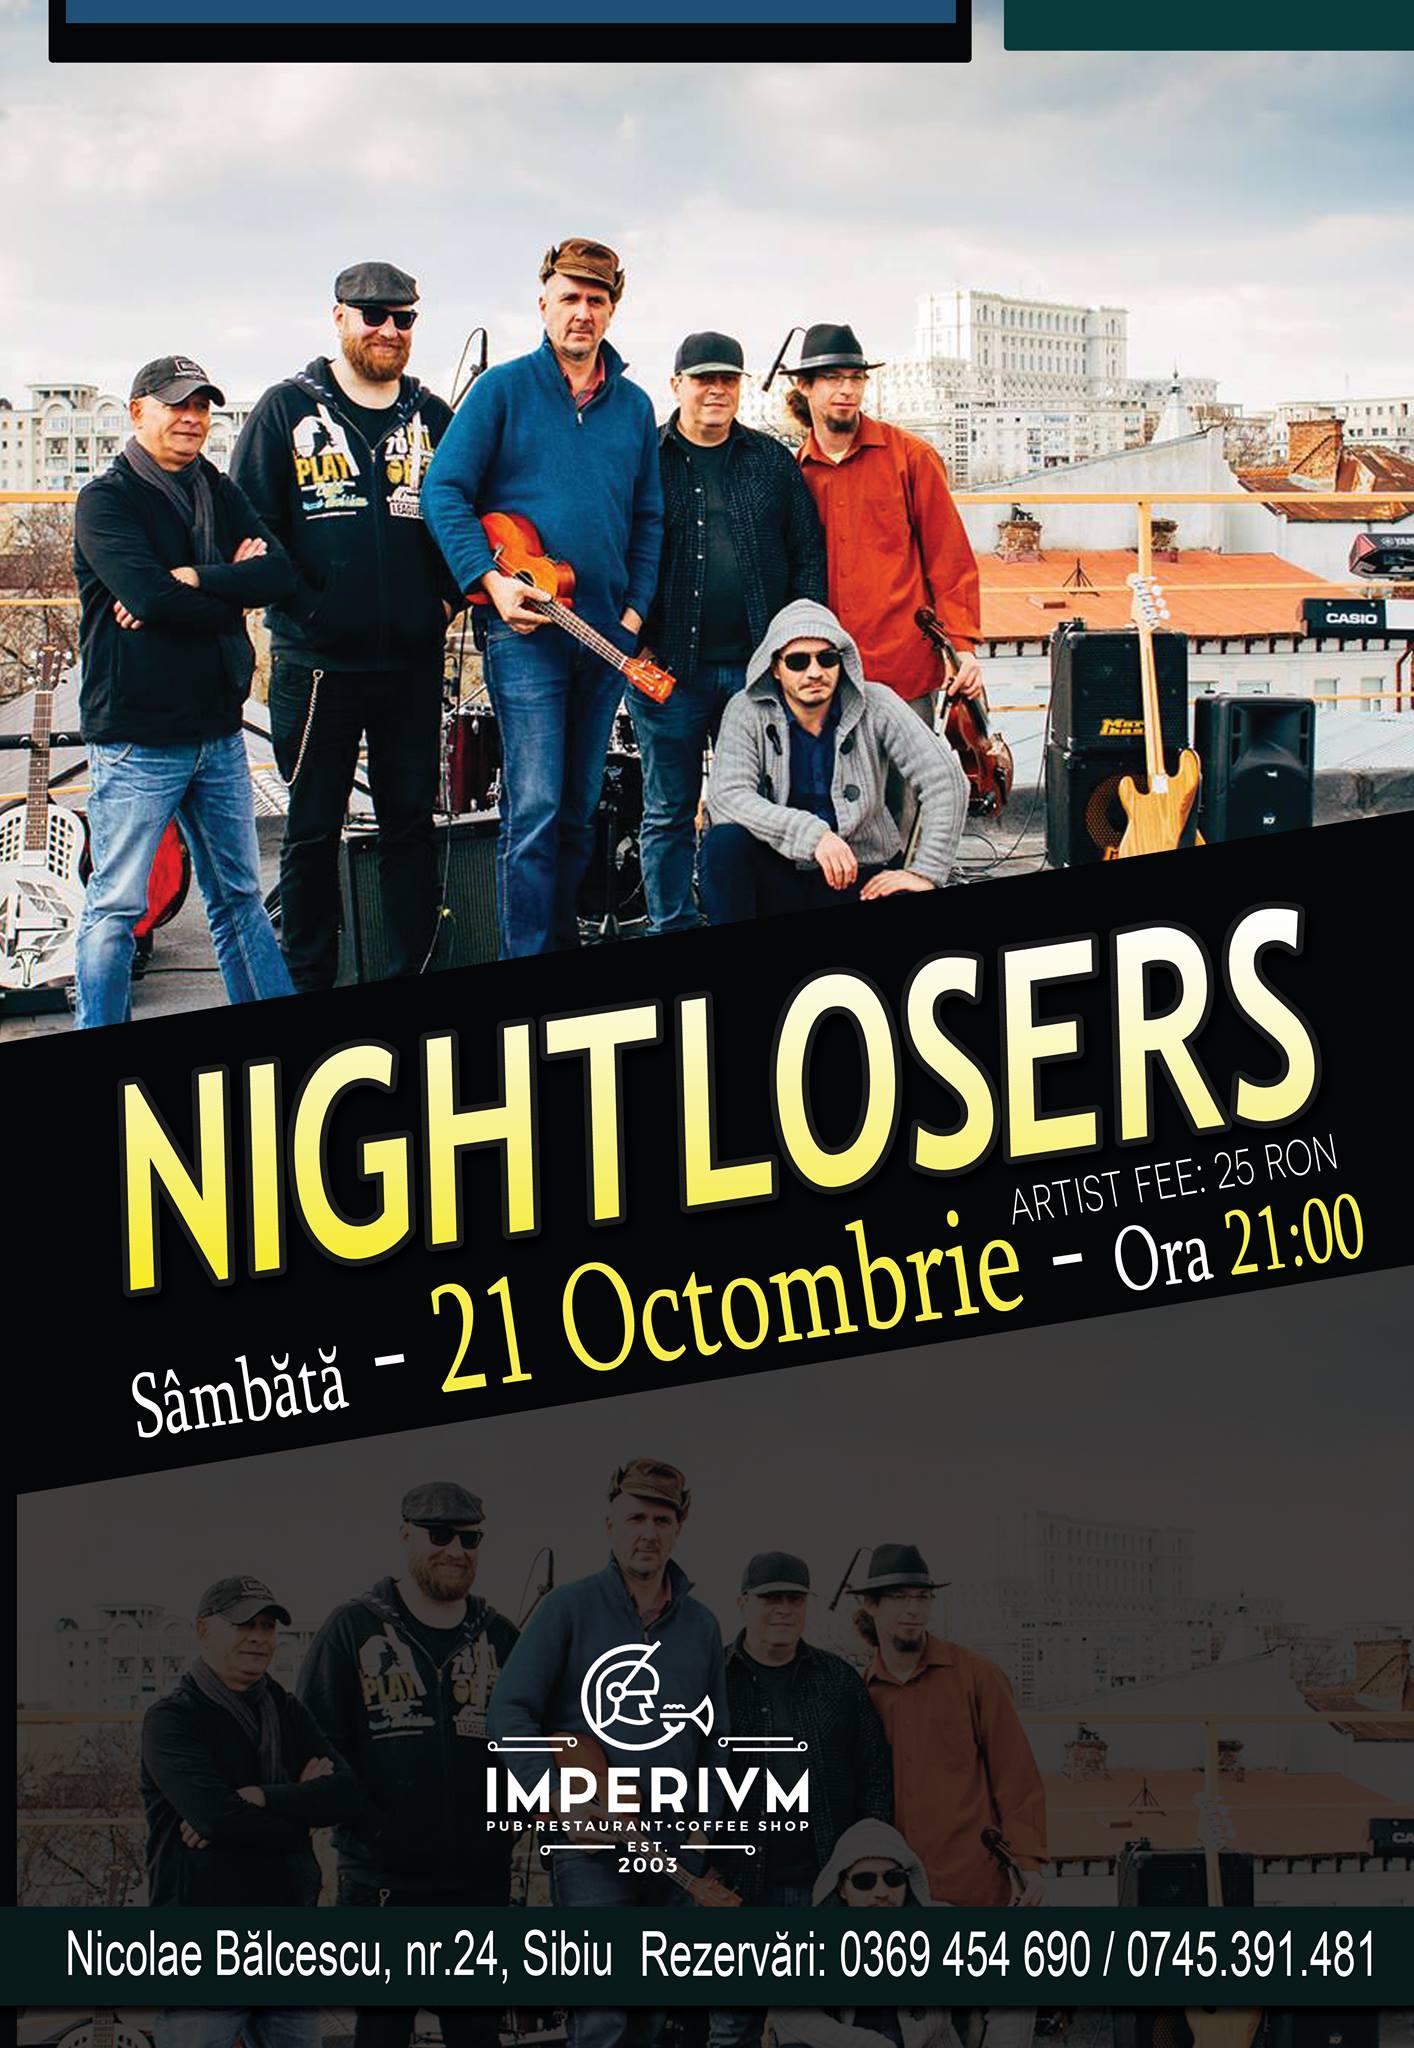 NightLosers